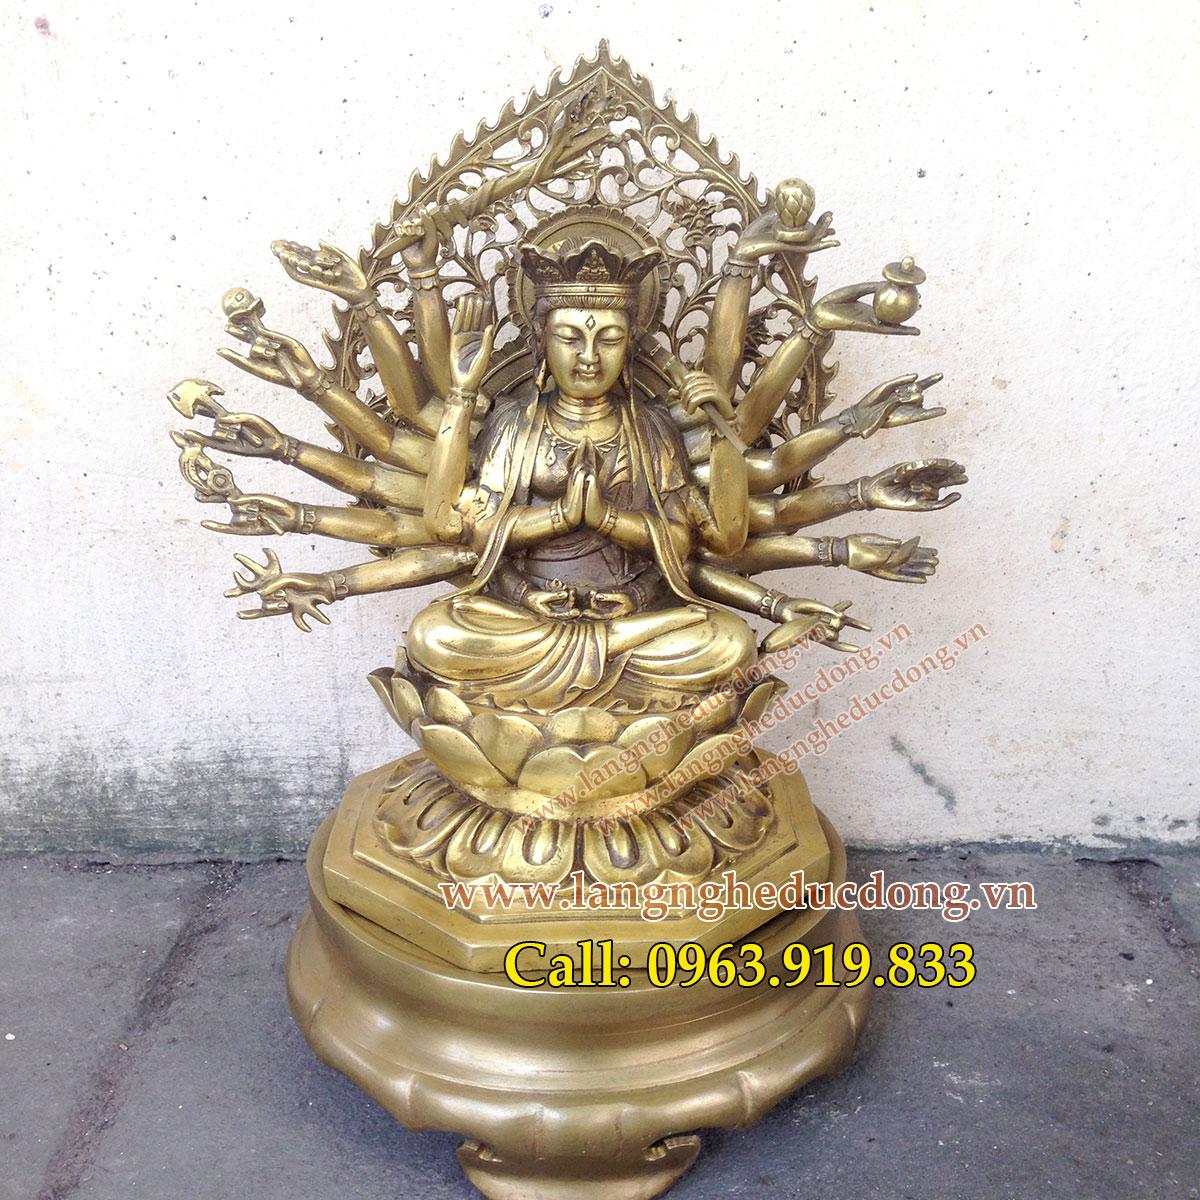 Tượng phật chuẩn đề bằng đồng vàng cao 25cm, tuong phat chuan de